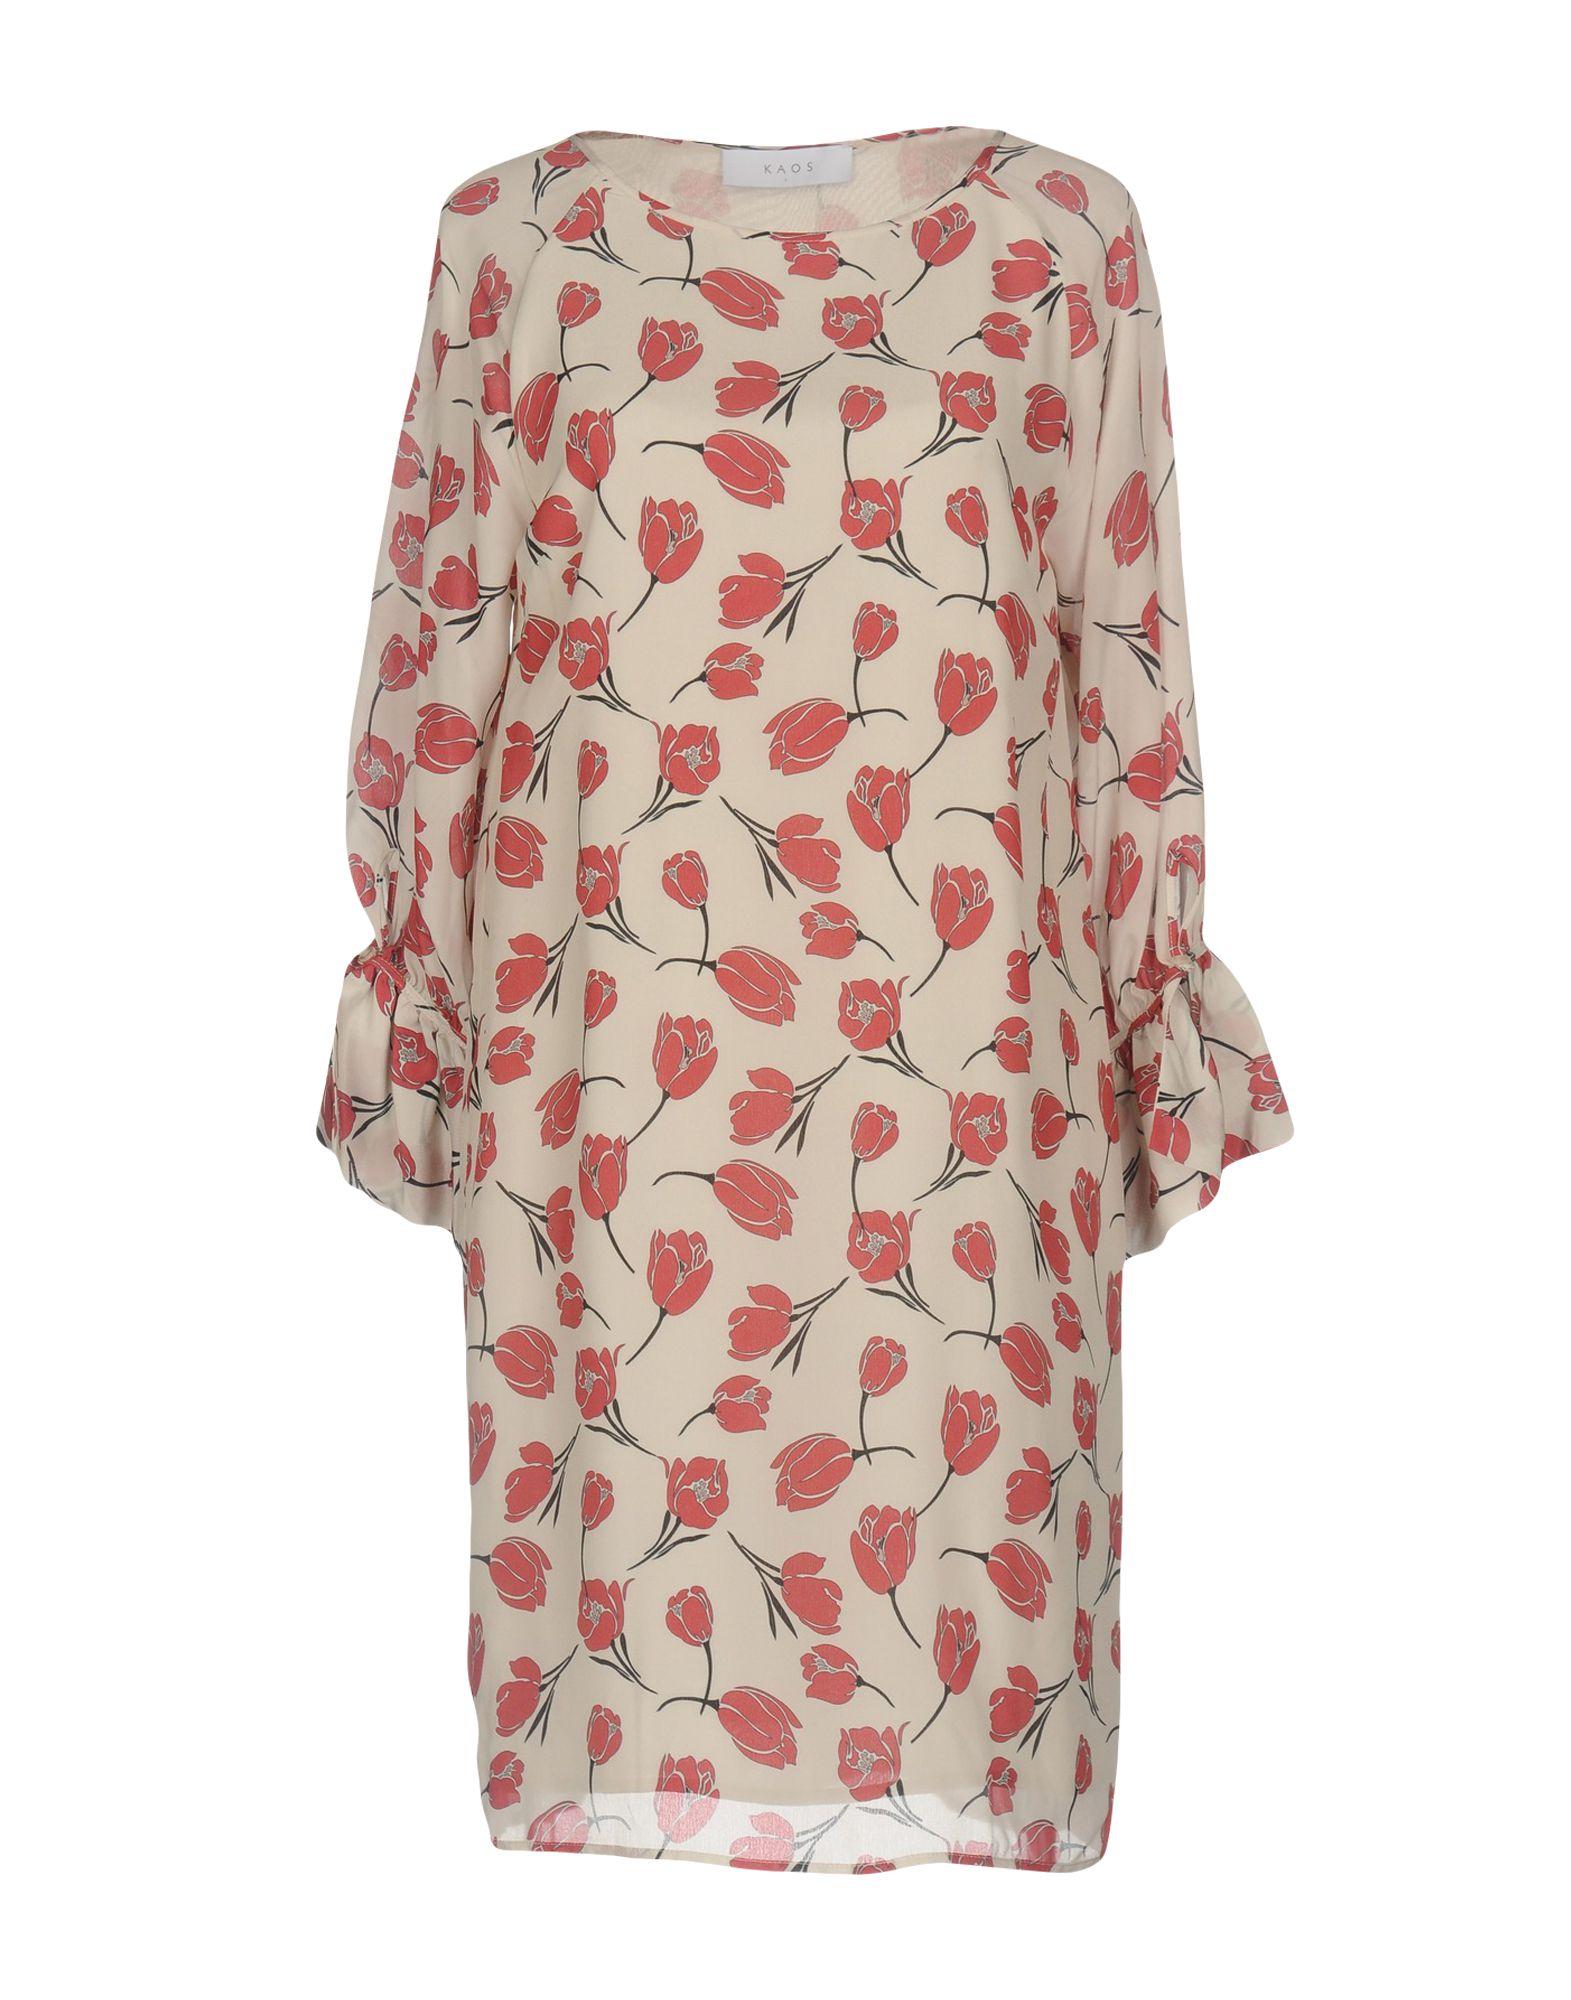 KAOS Damen Kurzes Kleid Farbe Beige Größe 7 jetztbilligerkaufen